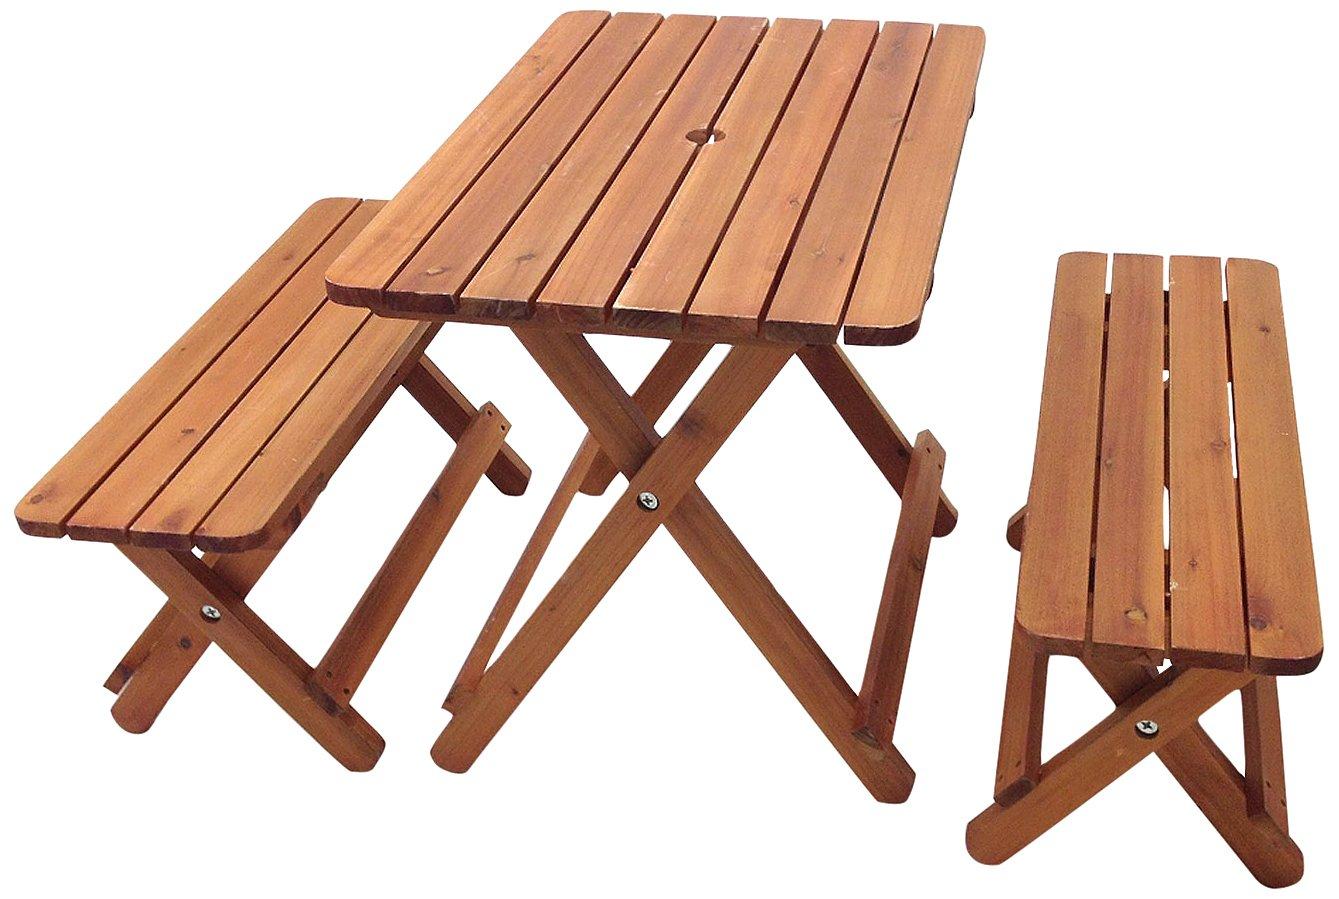 武田コーポレーション 【キャンプガーデンガーデニングカントリー風テーブルベンチ】 折りたたみ式 木製 テーブル & ベンチ 3点セット (テーブル天板:78×52) TR-01 B00OLW35QY  木製